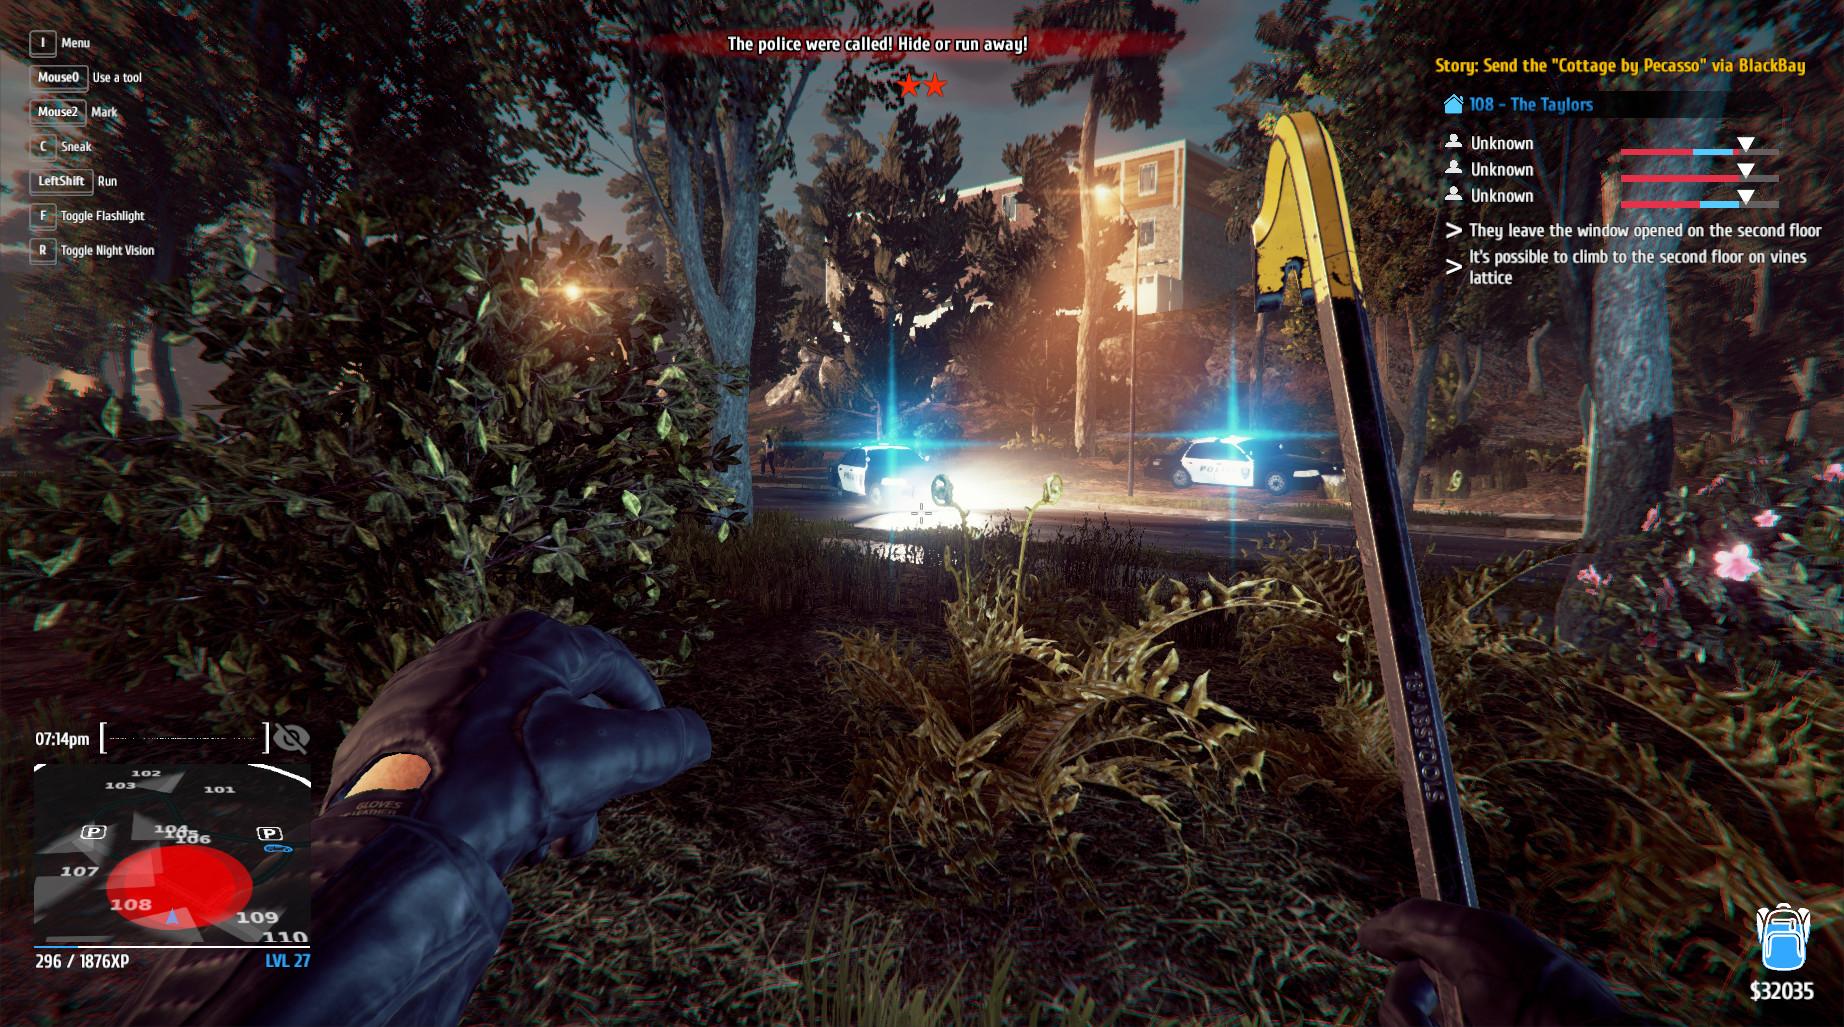 Скриншот Thief Simulator v1.2b скачать торрент бесплатно